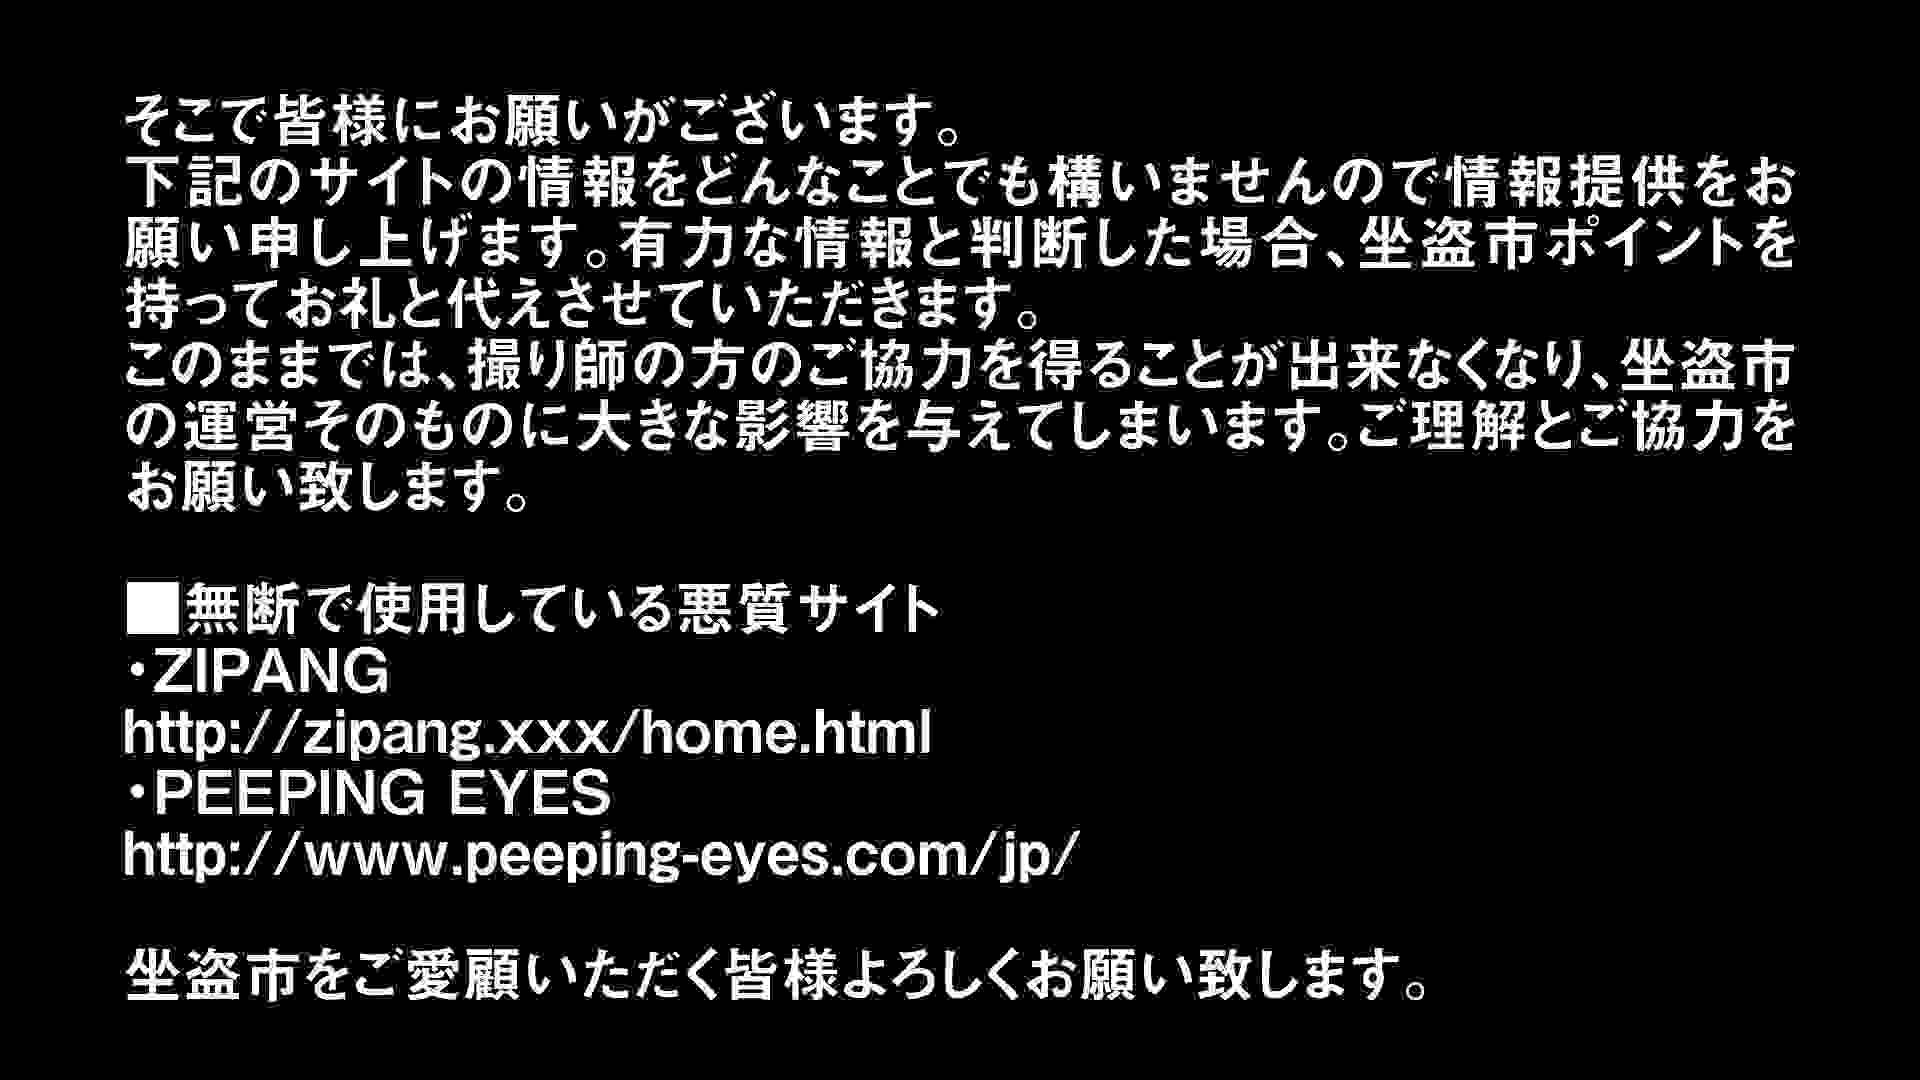 Aquaな露天風呂Vol.297 OLエロ画像 | 盗撮  99PICs 49